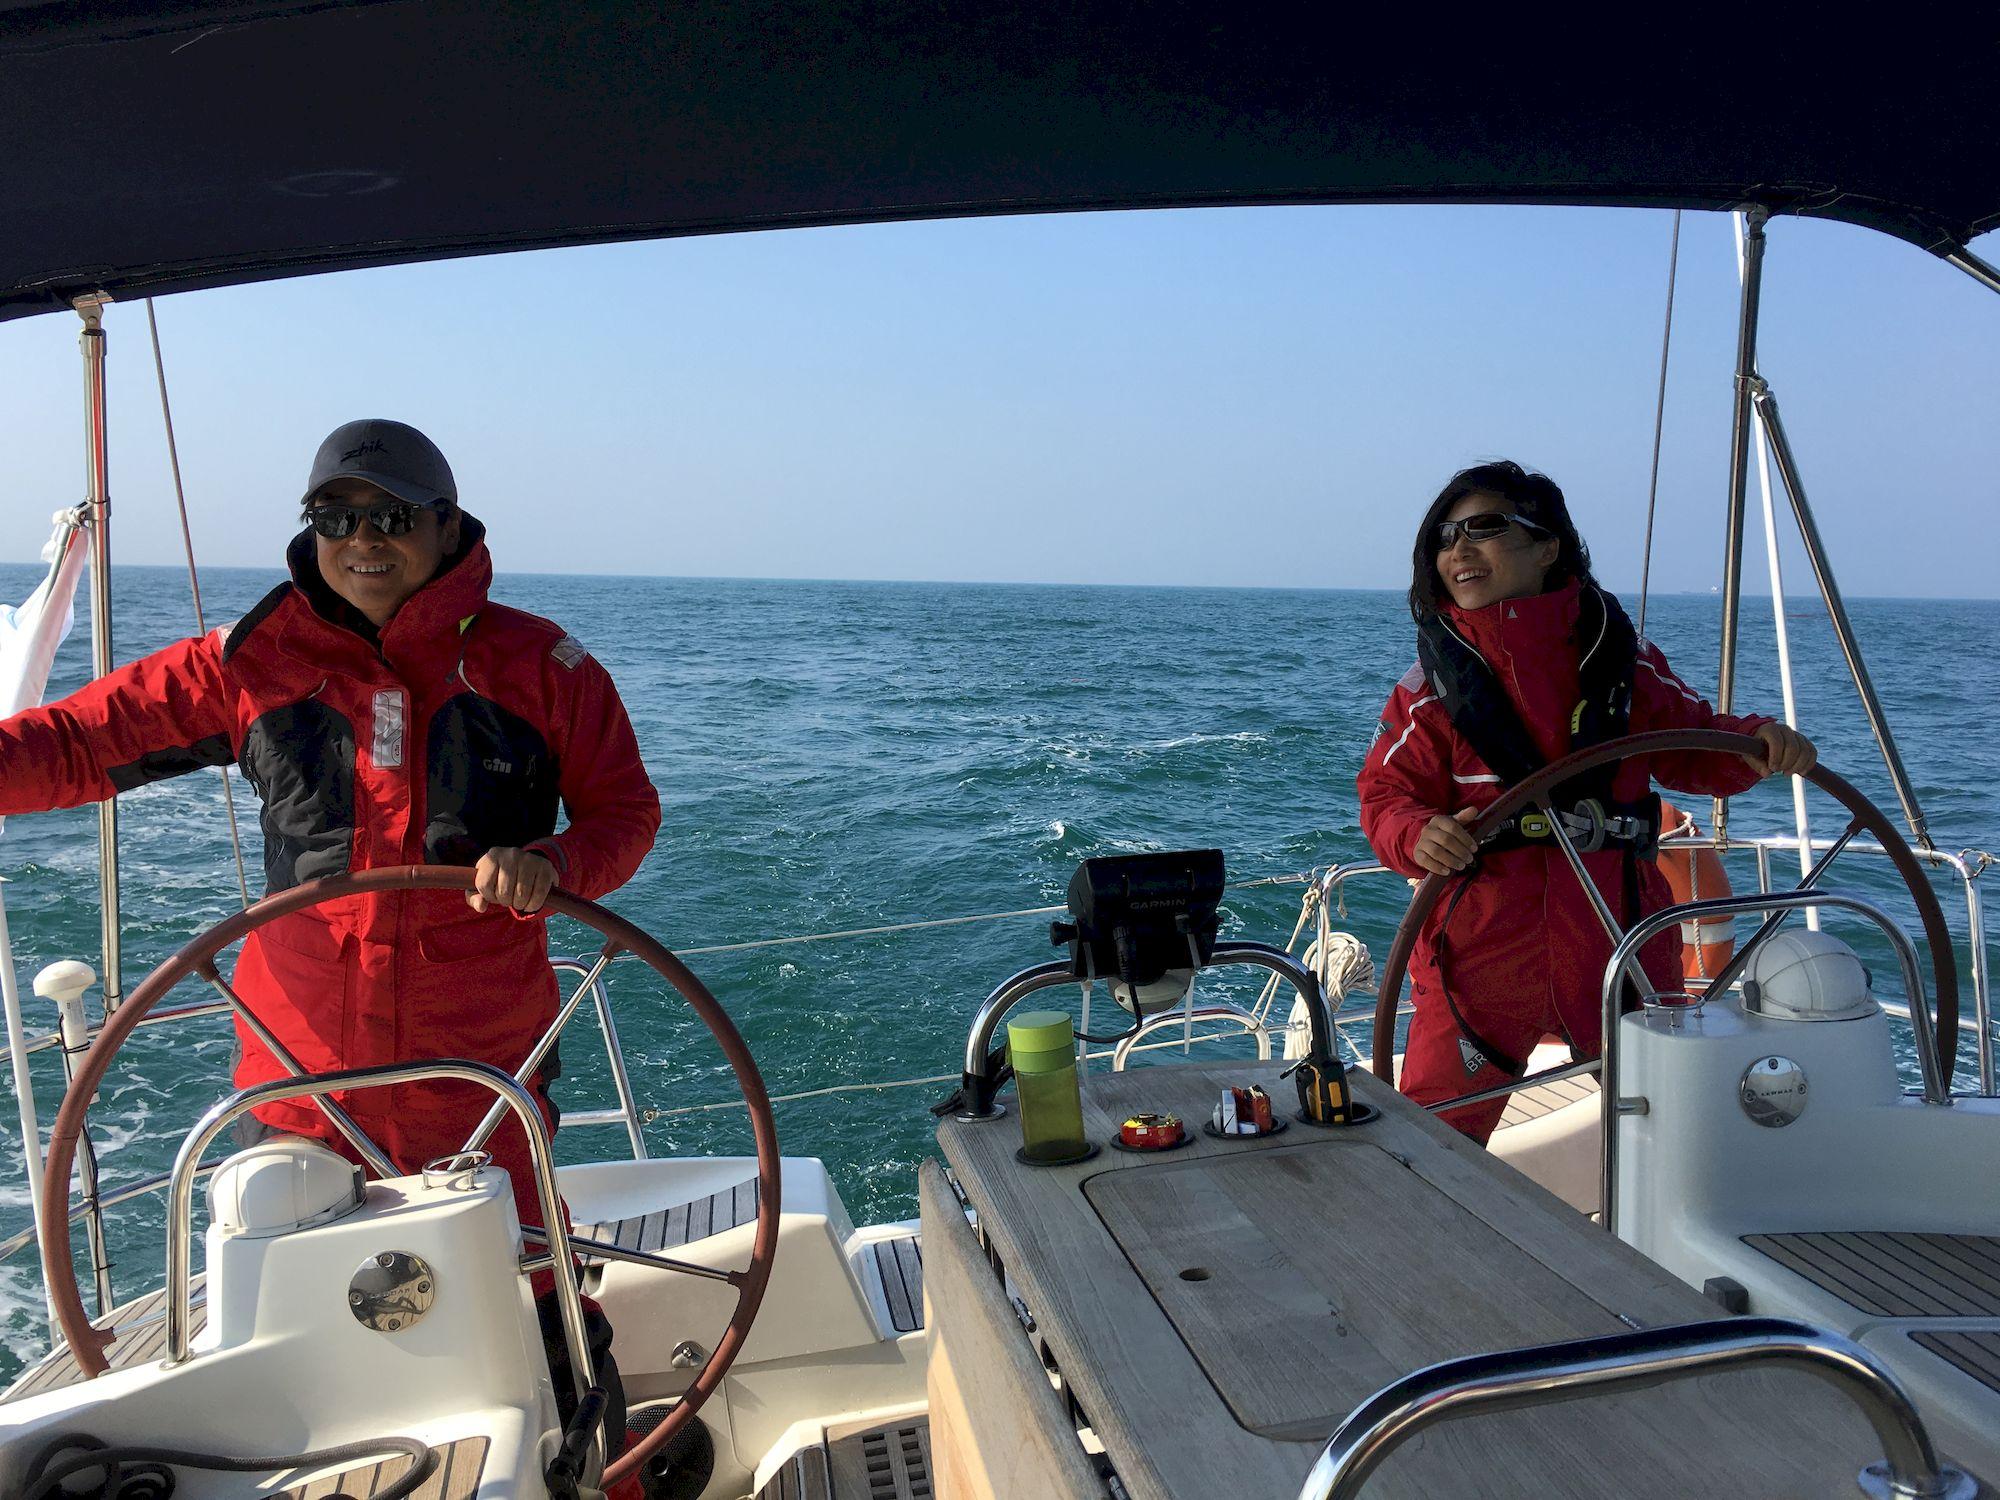 010-IMG_2654_千帆俱乐部我要航海网帆船队-2016威海-仁川国际帆船赛.JPG